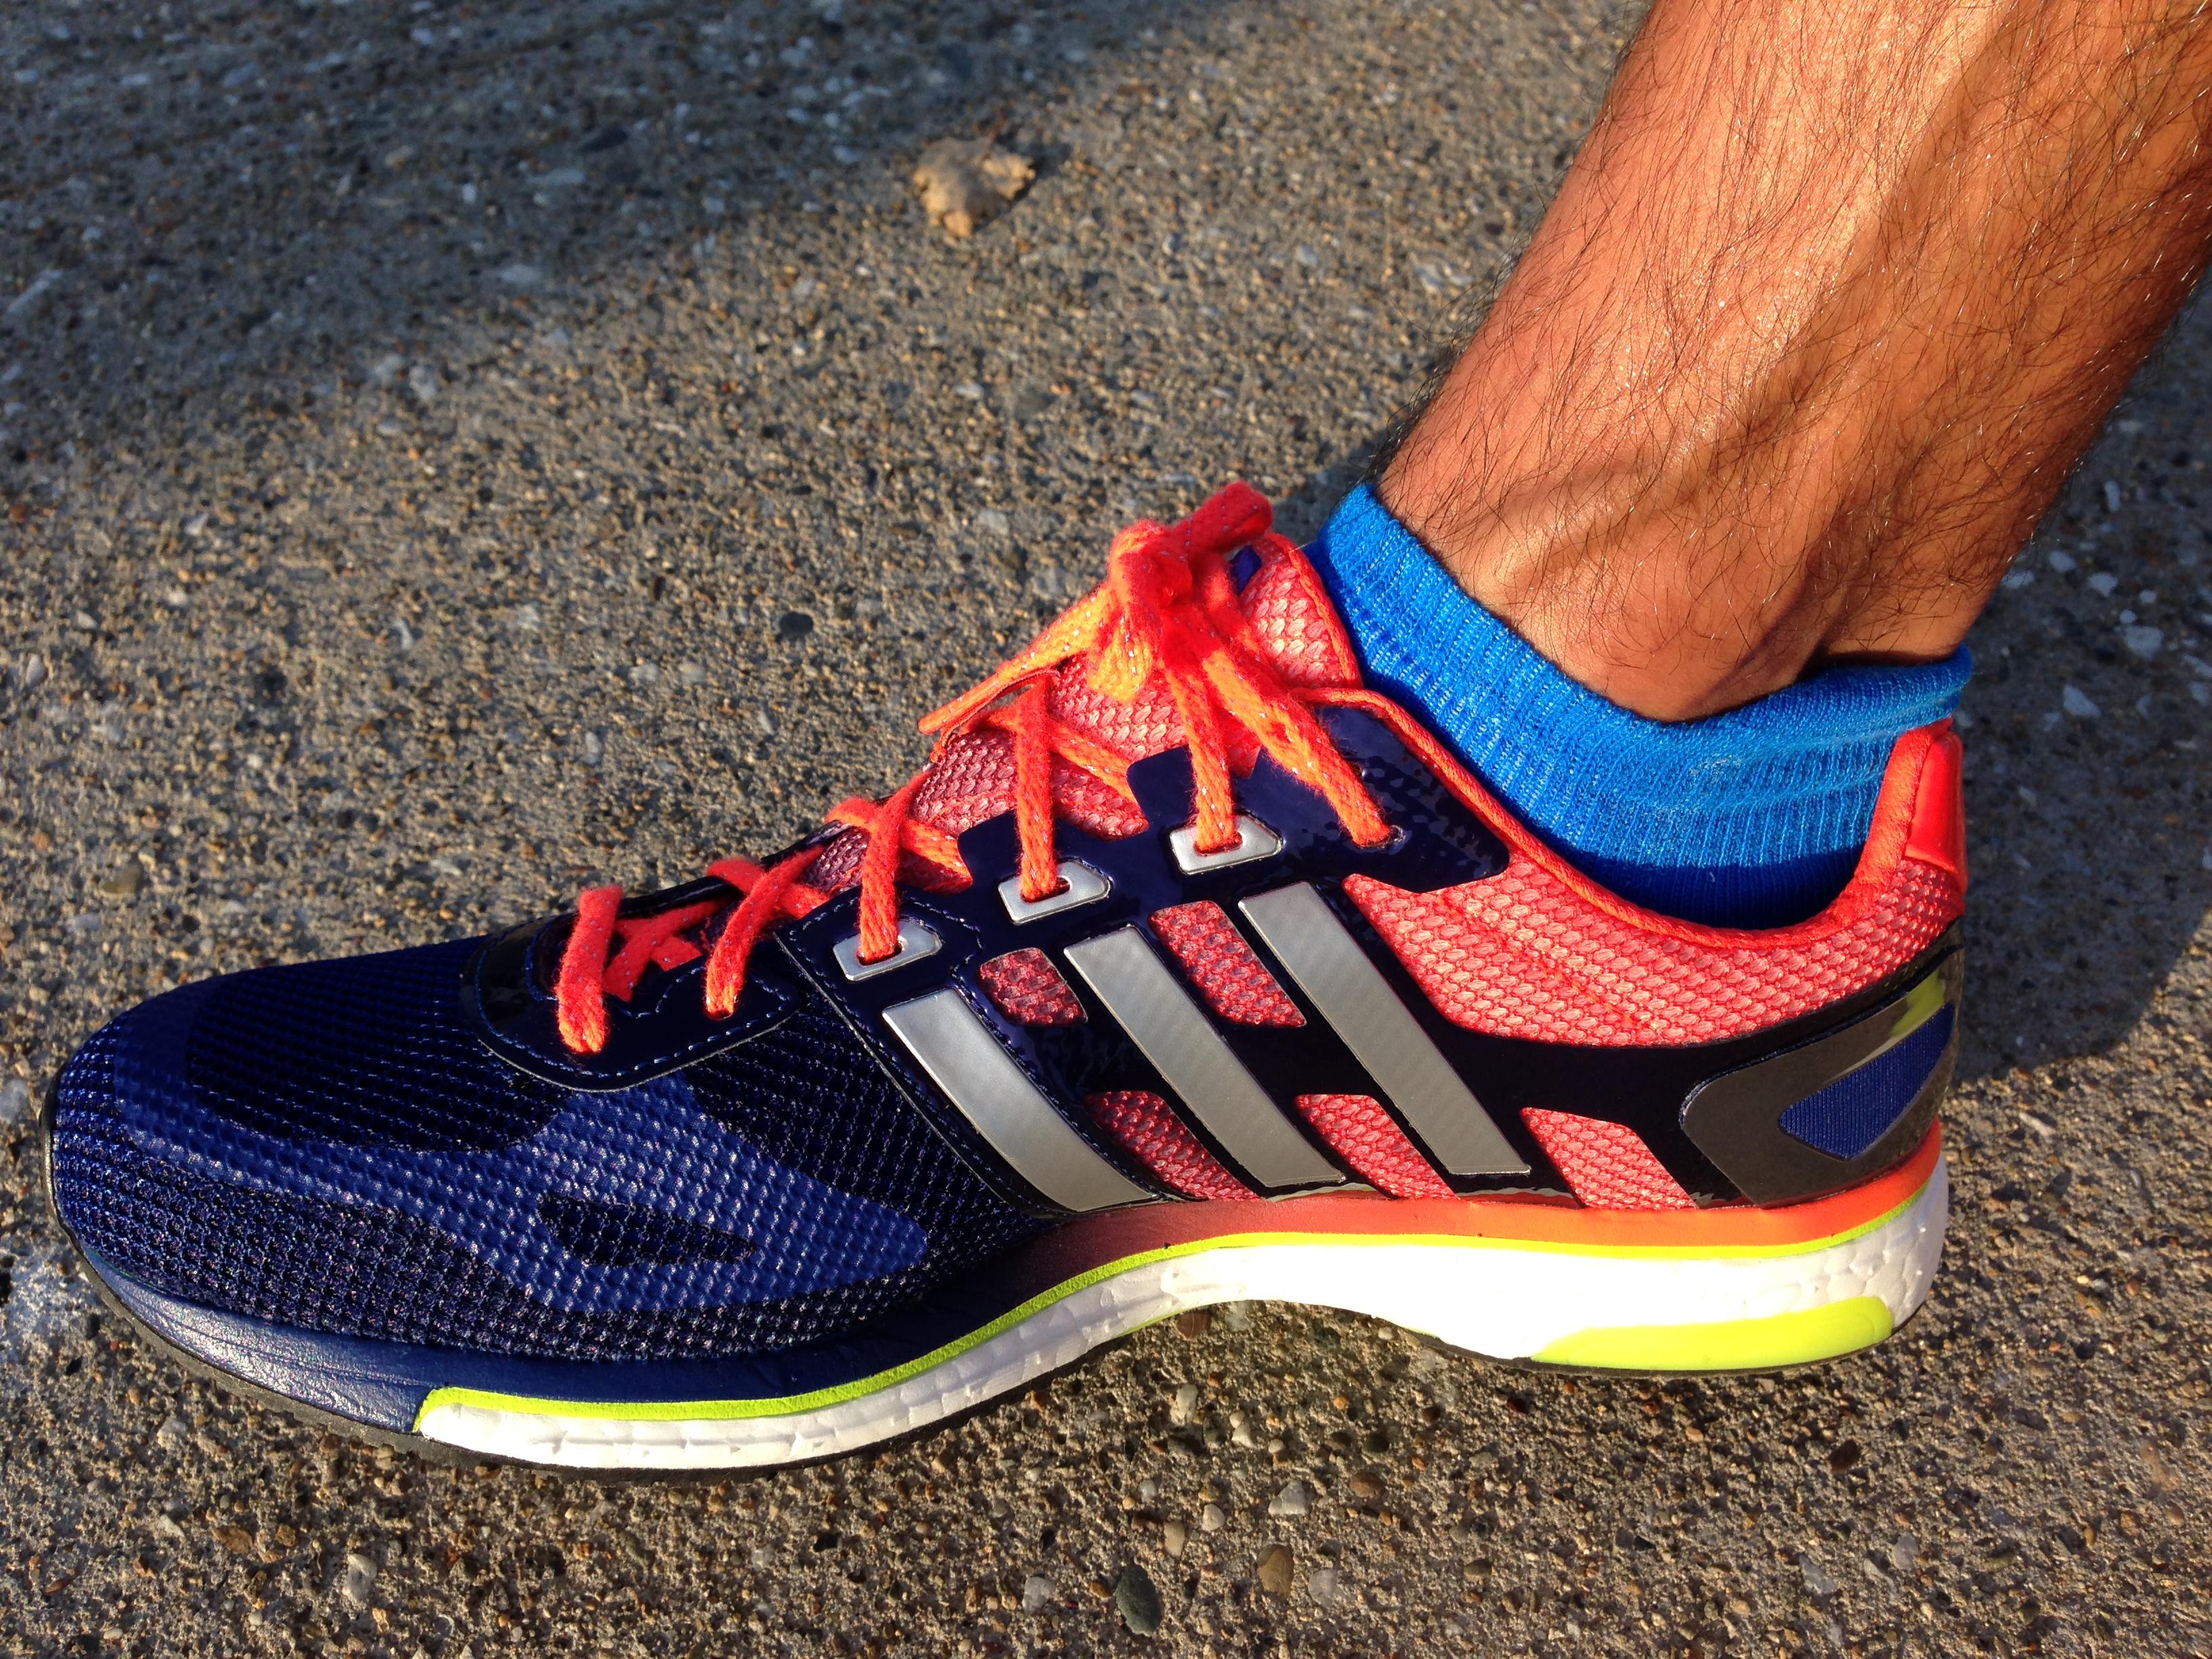 Adidas Adios | Adidas Adizero Adios | Adidas Adios Boost Womens